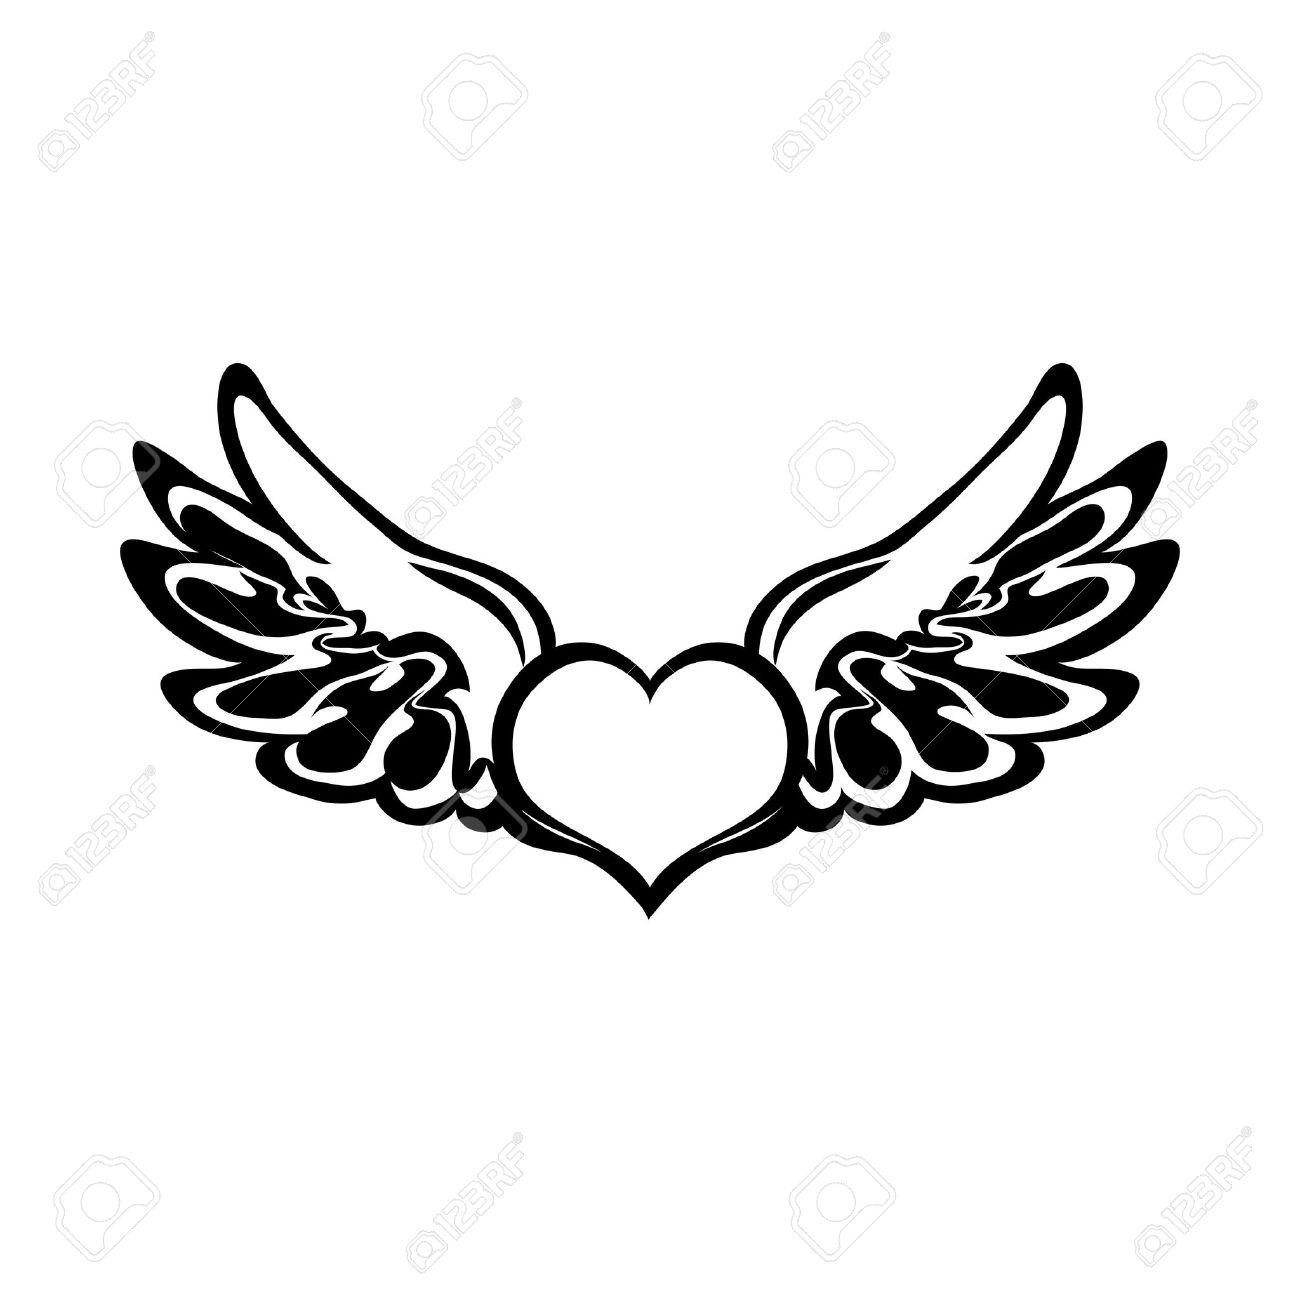 heart tattoo vector royalty free cliparts vectors and stock rh 123rf com tattoo victor ny tattoo victoria texas